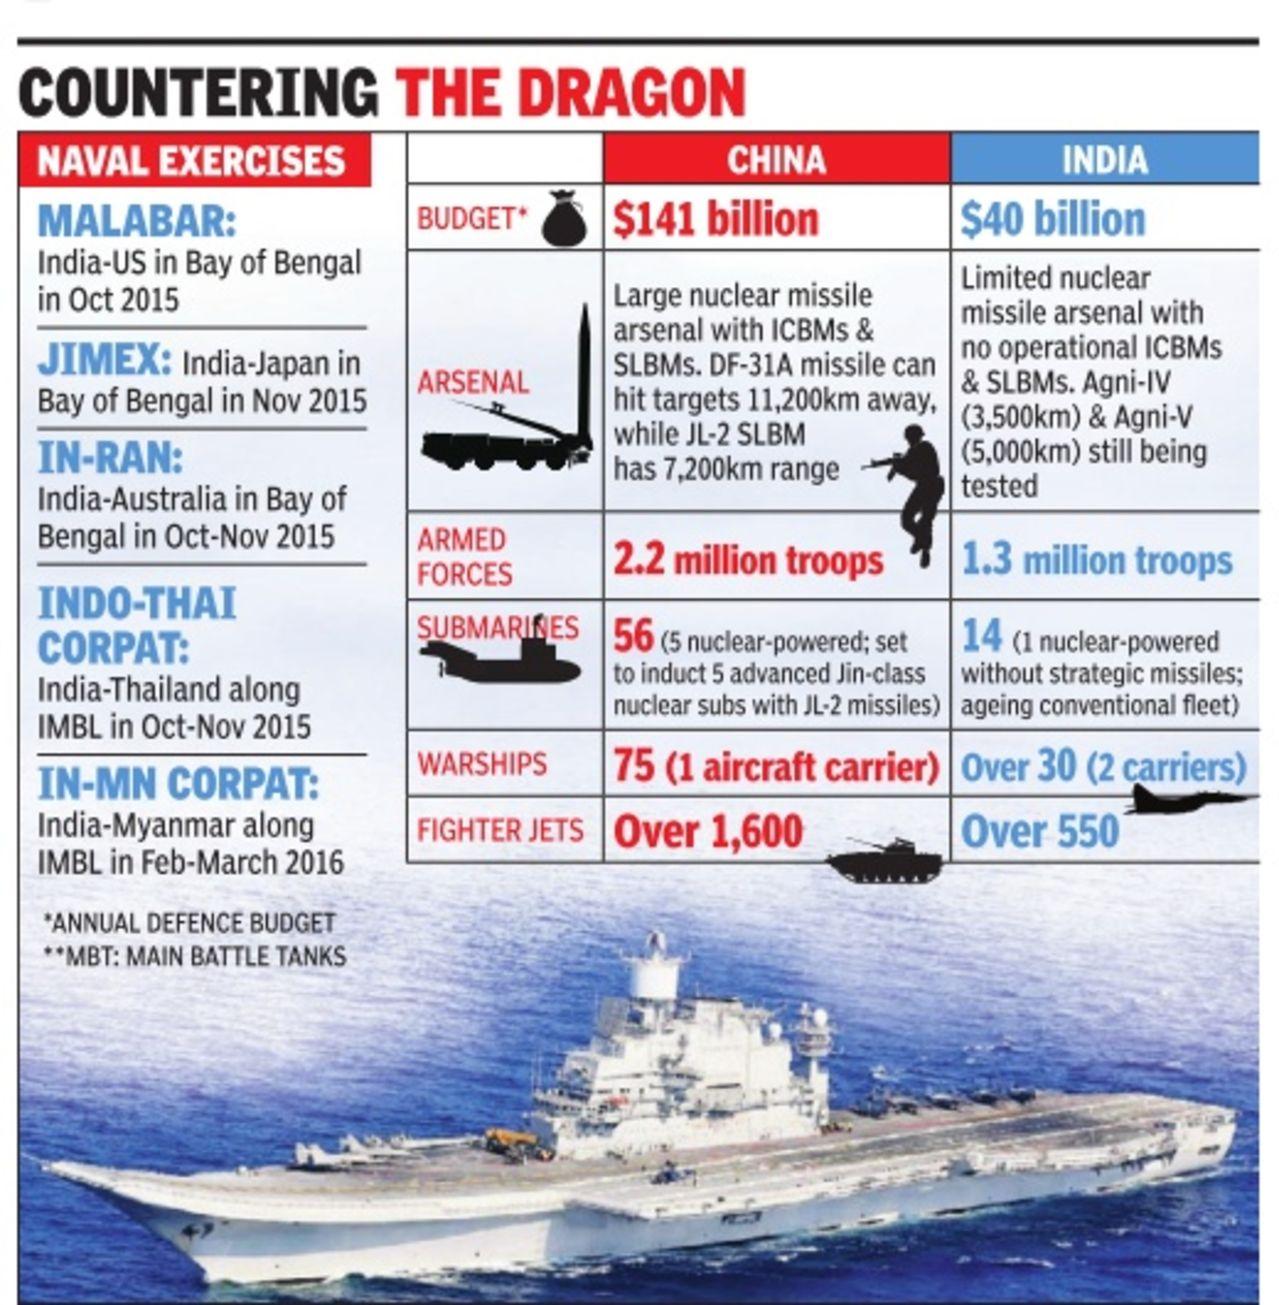 Ejercicio naval Malabar 2015,2017 y siguientes - Participacion  de India - Japon - Estados Unidos - Australia Malabar2015balance